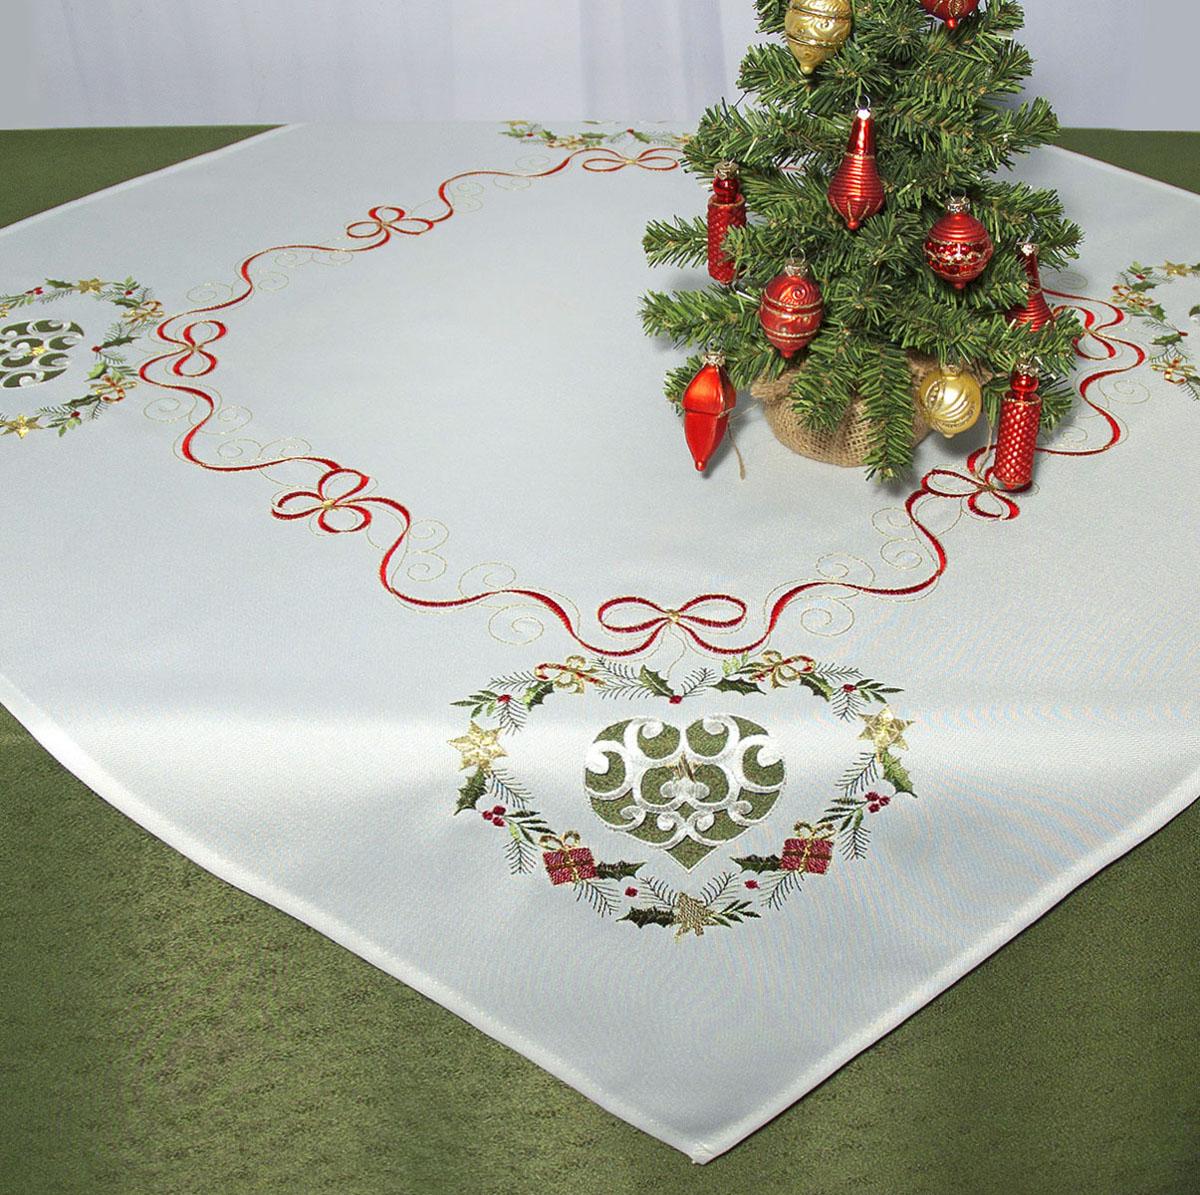 Скатерть Schaefer, квадратная, цвет: белый, 85 x 85 см. 07487-10007487-100Скатерть Schaefer изготовлена из полиэстера и декорирована вышитыми в технике ришелье новогодними подарками. Изделия из полиэстера легко стирать: они не мнутся, не садятся и быстро сохнут, они более долговечны, чем изделия из натуральных волокон. Кроме того, ткань обладает водоотталкивающими свойствами. Такая скатерть будет просто не заменима на кухне, а особенно на вашем обеденном столе на даче под открытым небом. Скатерть Schaefer не останется без внимания ваших гостей, а вас будет ежедневно радовать ярким дизайном и несравненным качеством. Немецкая компания Schaefer создана в 1921 году. На протяжении всего времени существования она создает уникальные коллекции домашнего текстиля для гостиных, спален, кухонь и ванных комнат. Дизайнерские идеи немецких художников компании Schaefer воплощаются в текстильных изделиях, которые сделают ваш дом красивее и уютнее и не останутся незамеченными вашими гостями. Дарите себе и близким красоту...